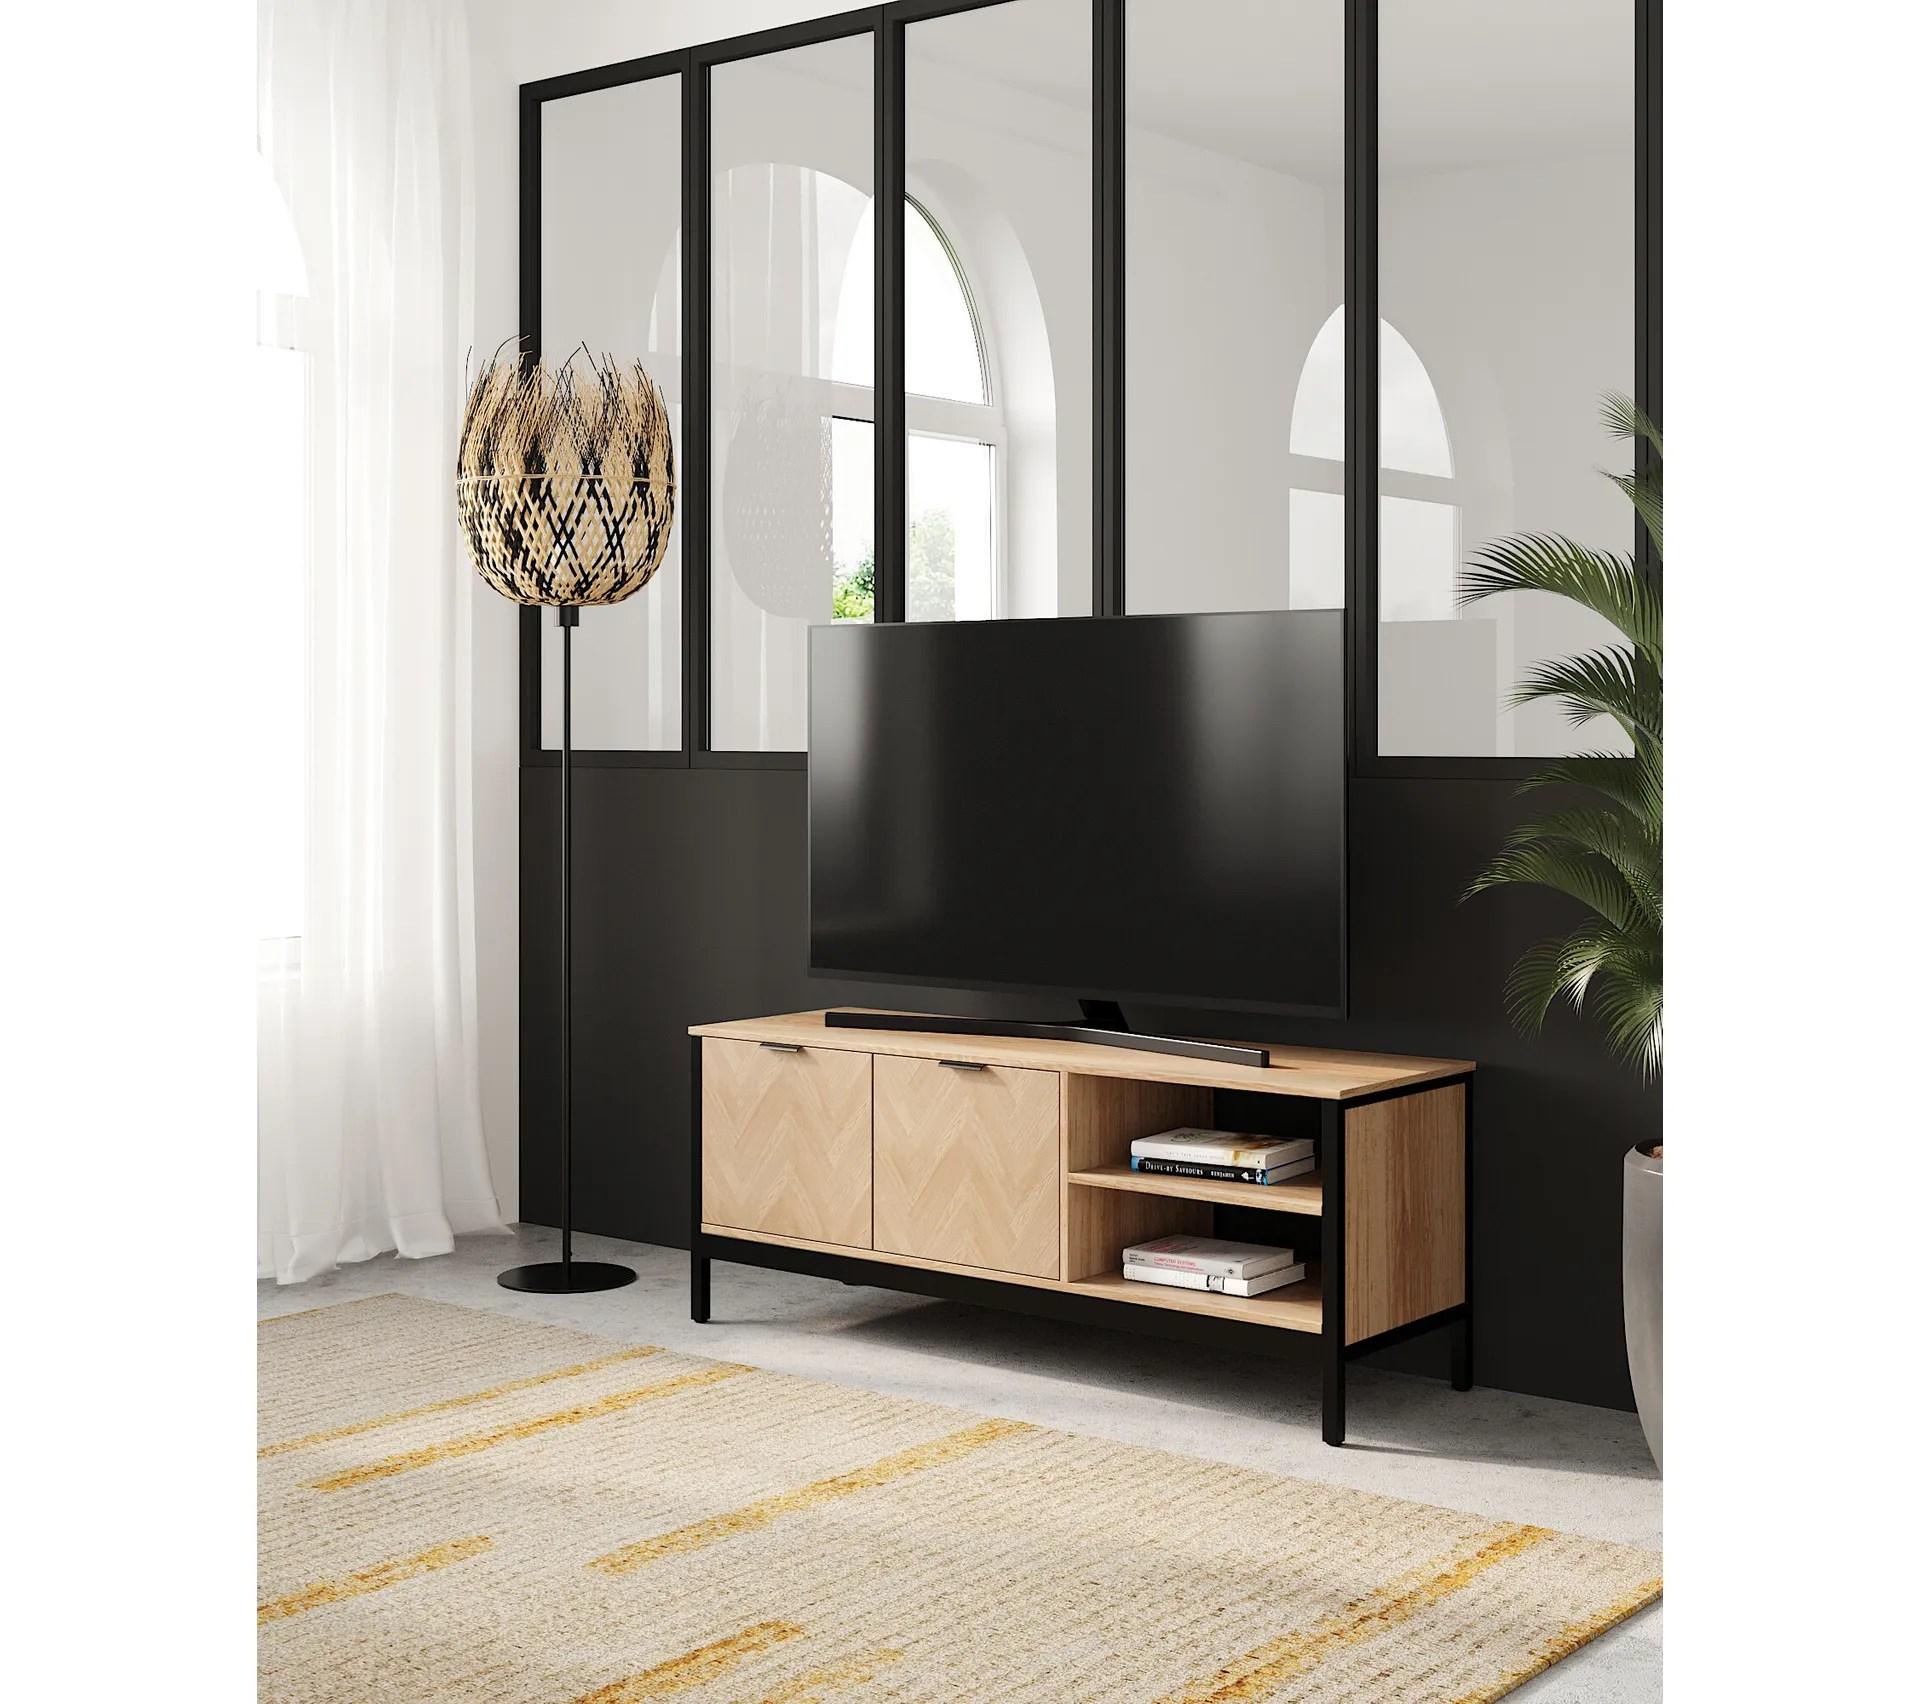 meuble tv omalley imitation chene et noir